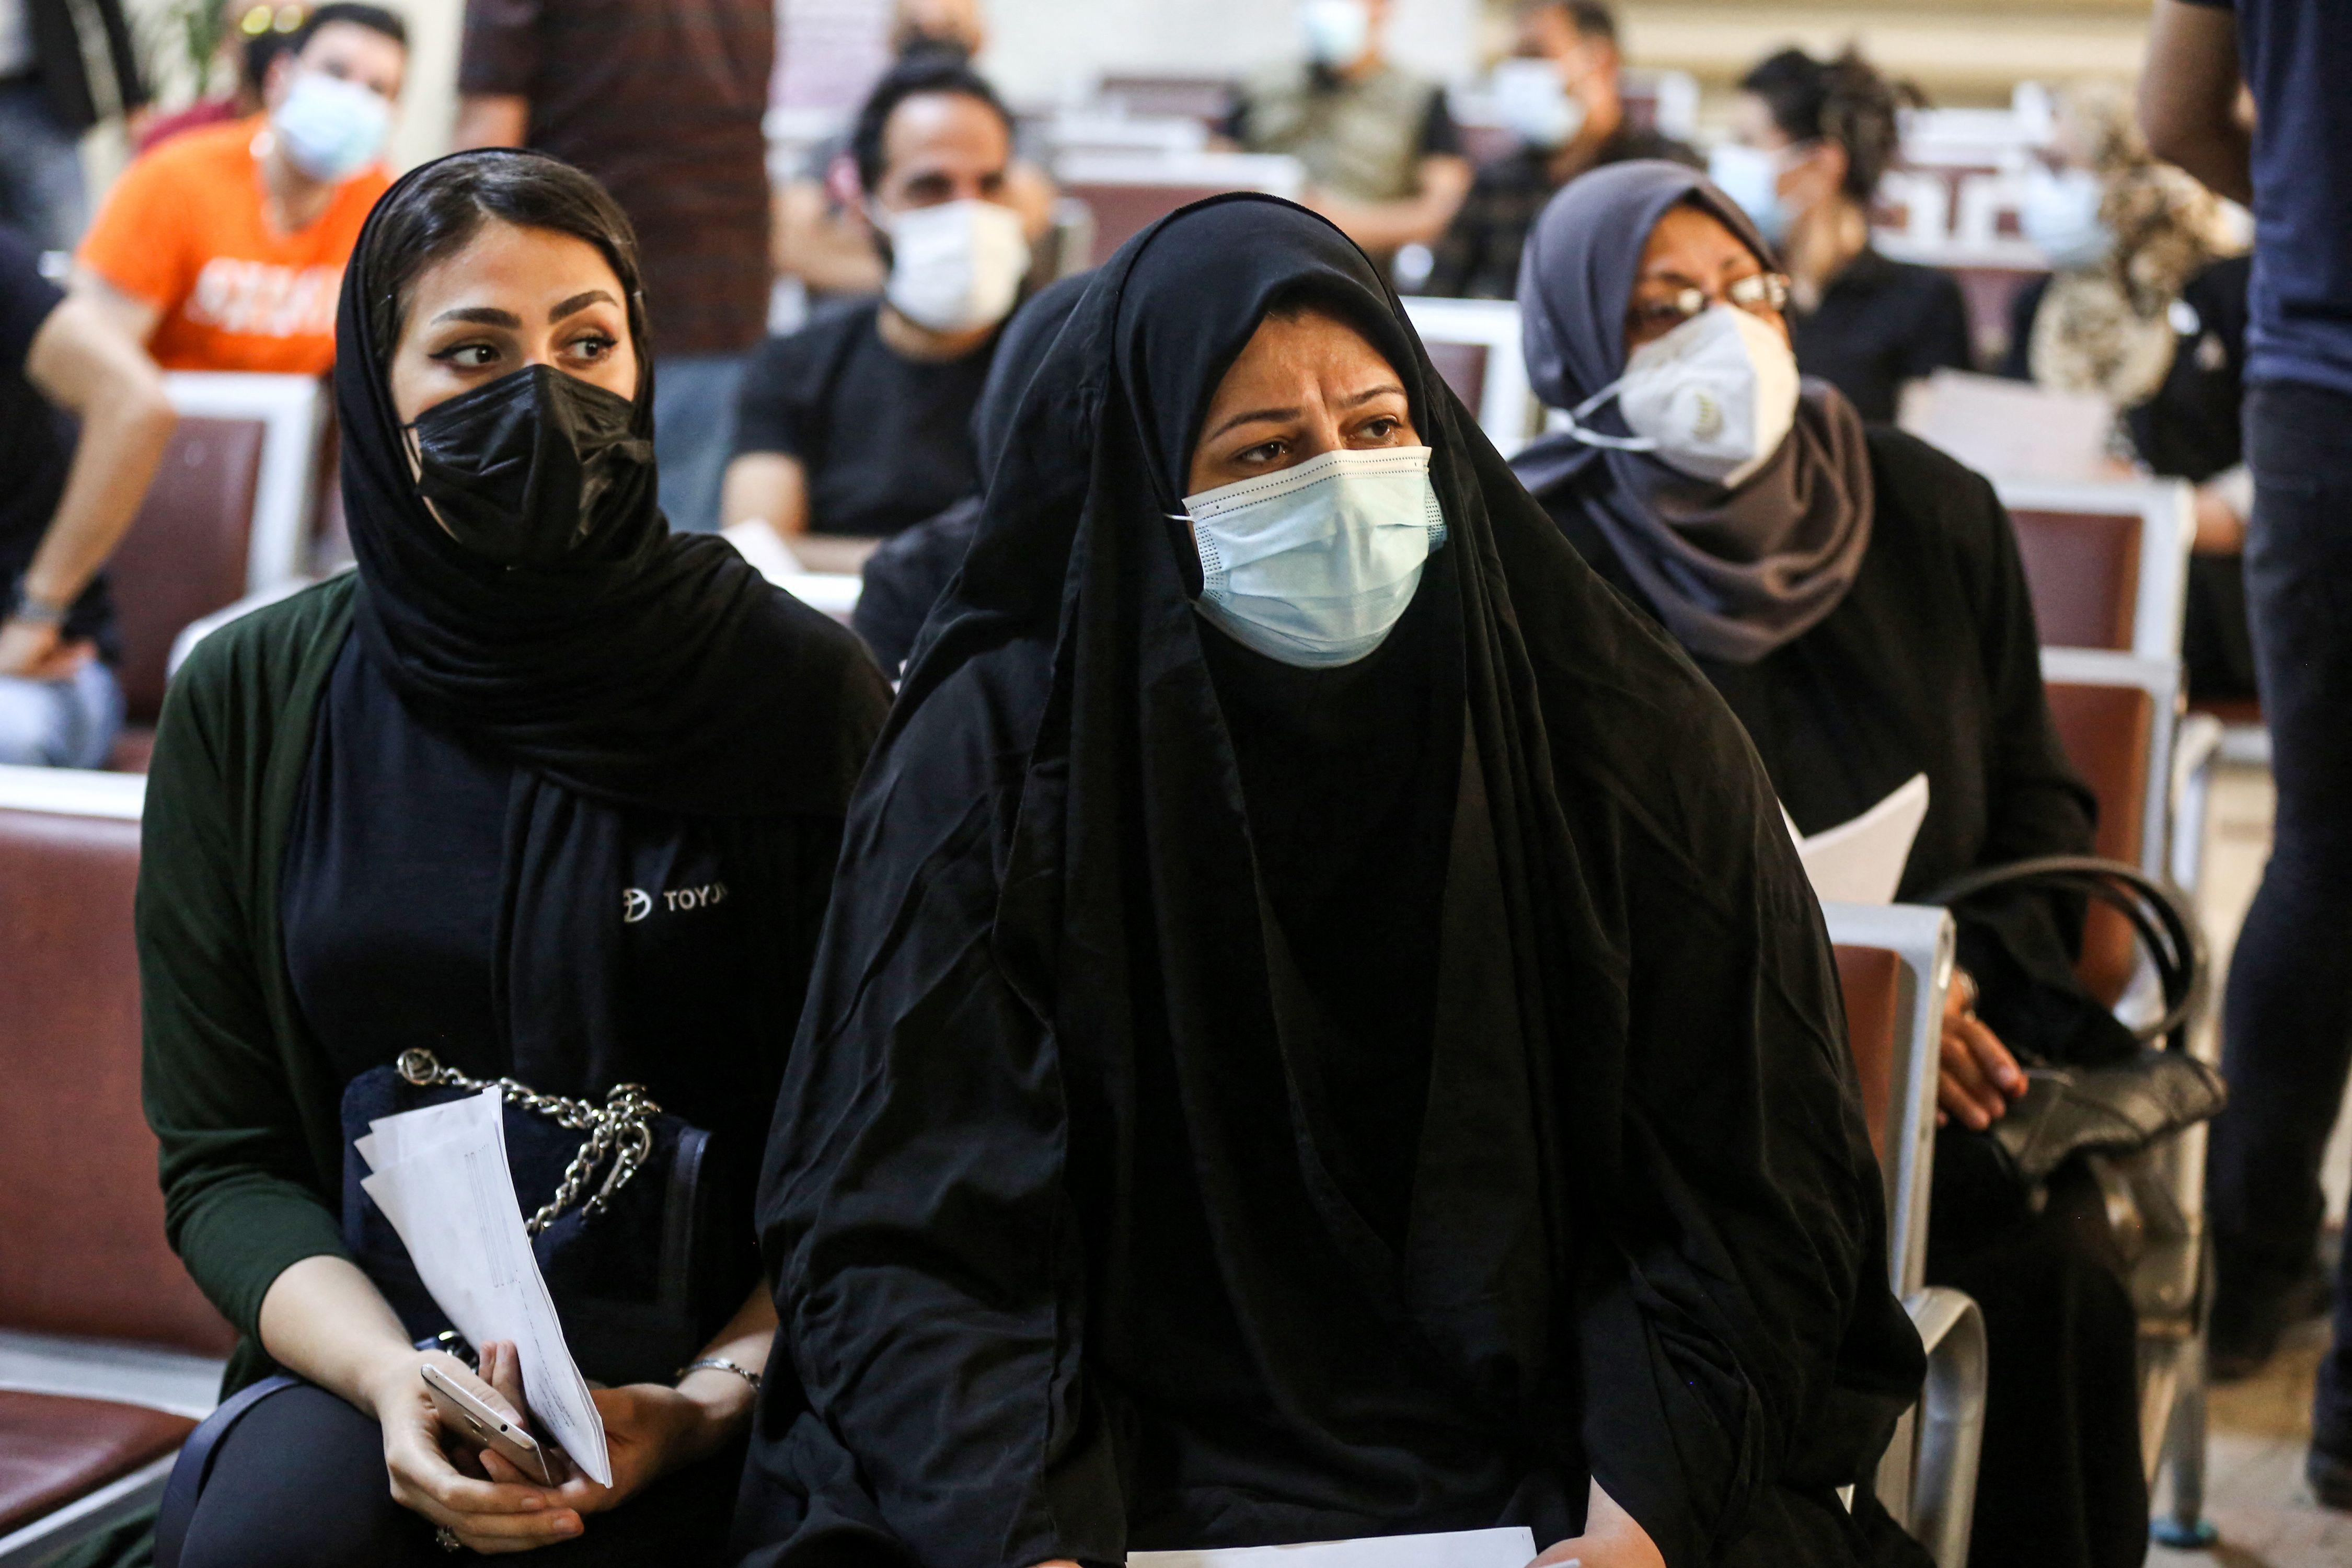 ينتظرن أدوارهن للحصول على اللقاح (أحمد الربيعي/ فرانس برس)